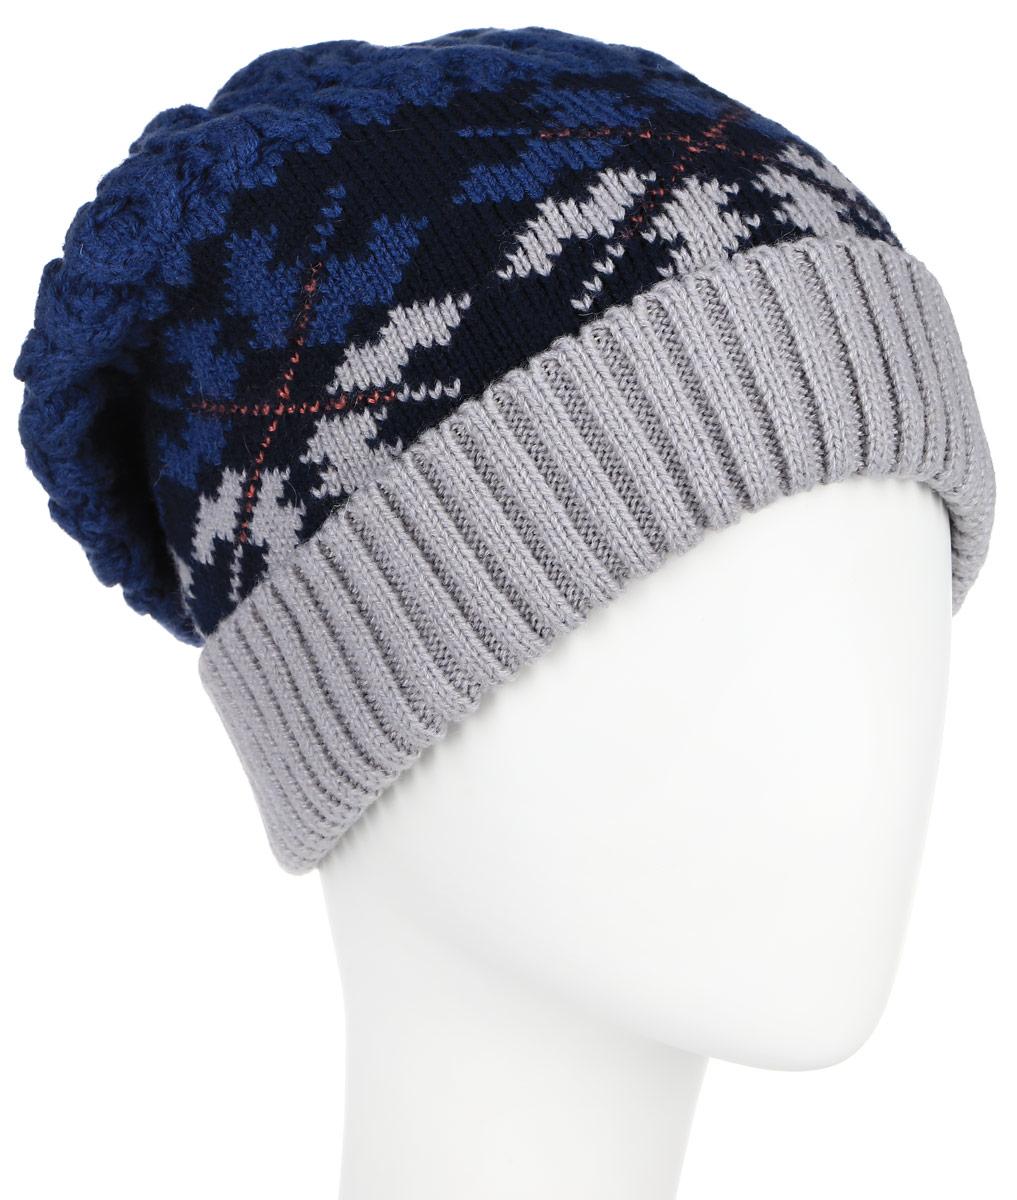 Шапка женская Finn Flare, цвет: темно-синий, серый. A16-12131_211. Размер 56A16-12131_211Вязаная женская шапка Finn Flare отлично подойдет для модниц в холодное время года. Изготовленная из шерсти с добавлением акрила, она мягкая и приятная на ощупь, обладает хорошими дышащими свойствами и максимально удерживает тепло. Шапочка плотно облегает голову, что обеспечивает надежную защиту от ветра и мороза.Модель шапки оформлена крупным вязаным узором. Макушка шапки фиксирована на затылке. Дополнено изделие небольшой металлической пластиной с названием бренда.Такая шапка не только теплый головной убор, но и стильный аксессуар. Она подчеркнет ваш образ и индивидуальность!Уважаемые клиенты!Размер, доступный для заказа, является обхватом головы.